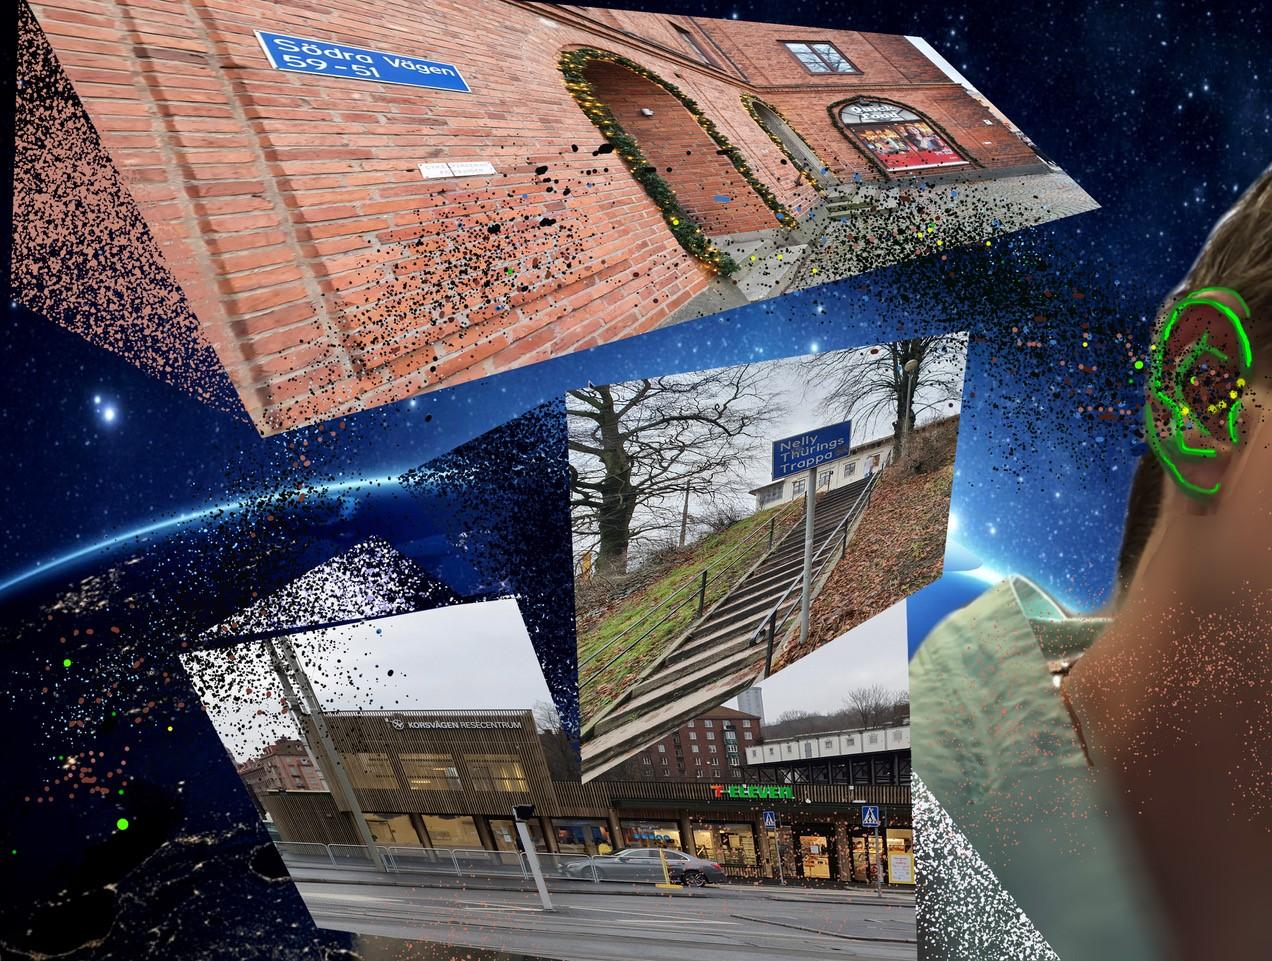 Ett kollage där vi ser Korsvägens stationsbyggnad och en park flimra förbi med rymden som bakgrund